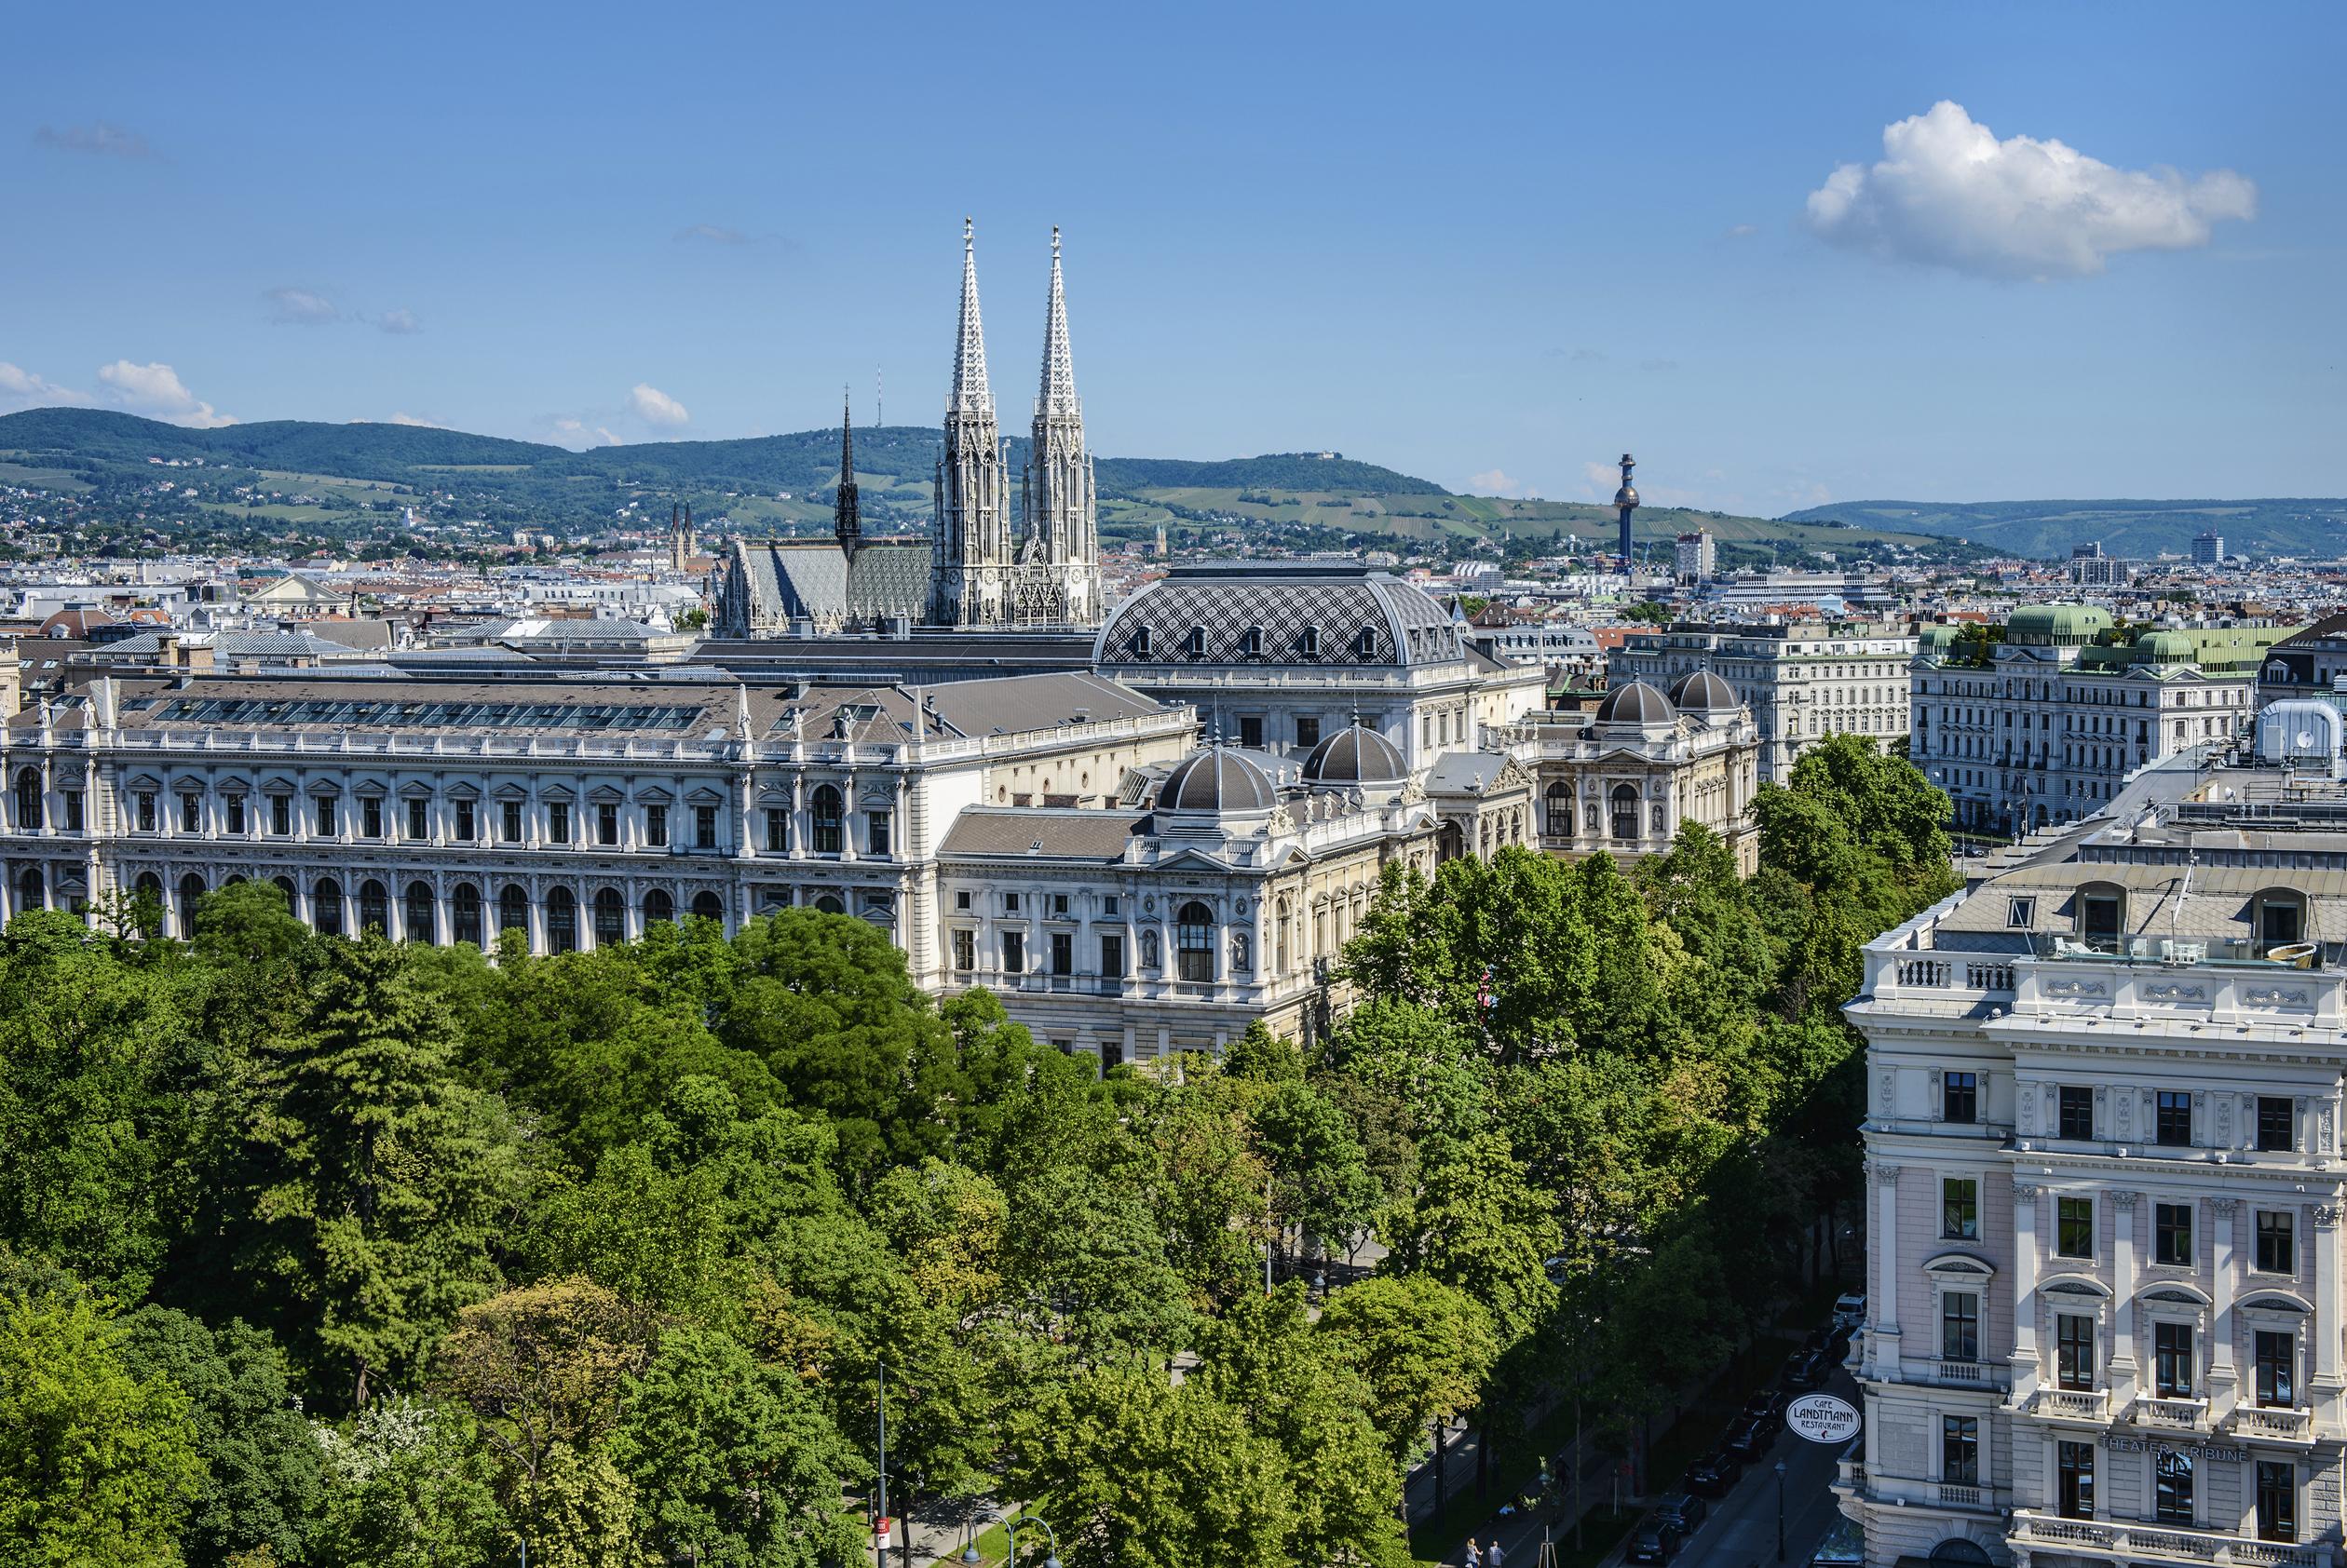 Vienne s 39 invite place du palais royal pour une exp rience - Piscine villette de vienne ...